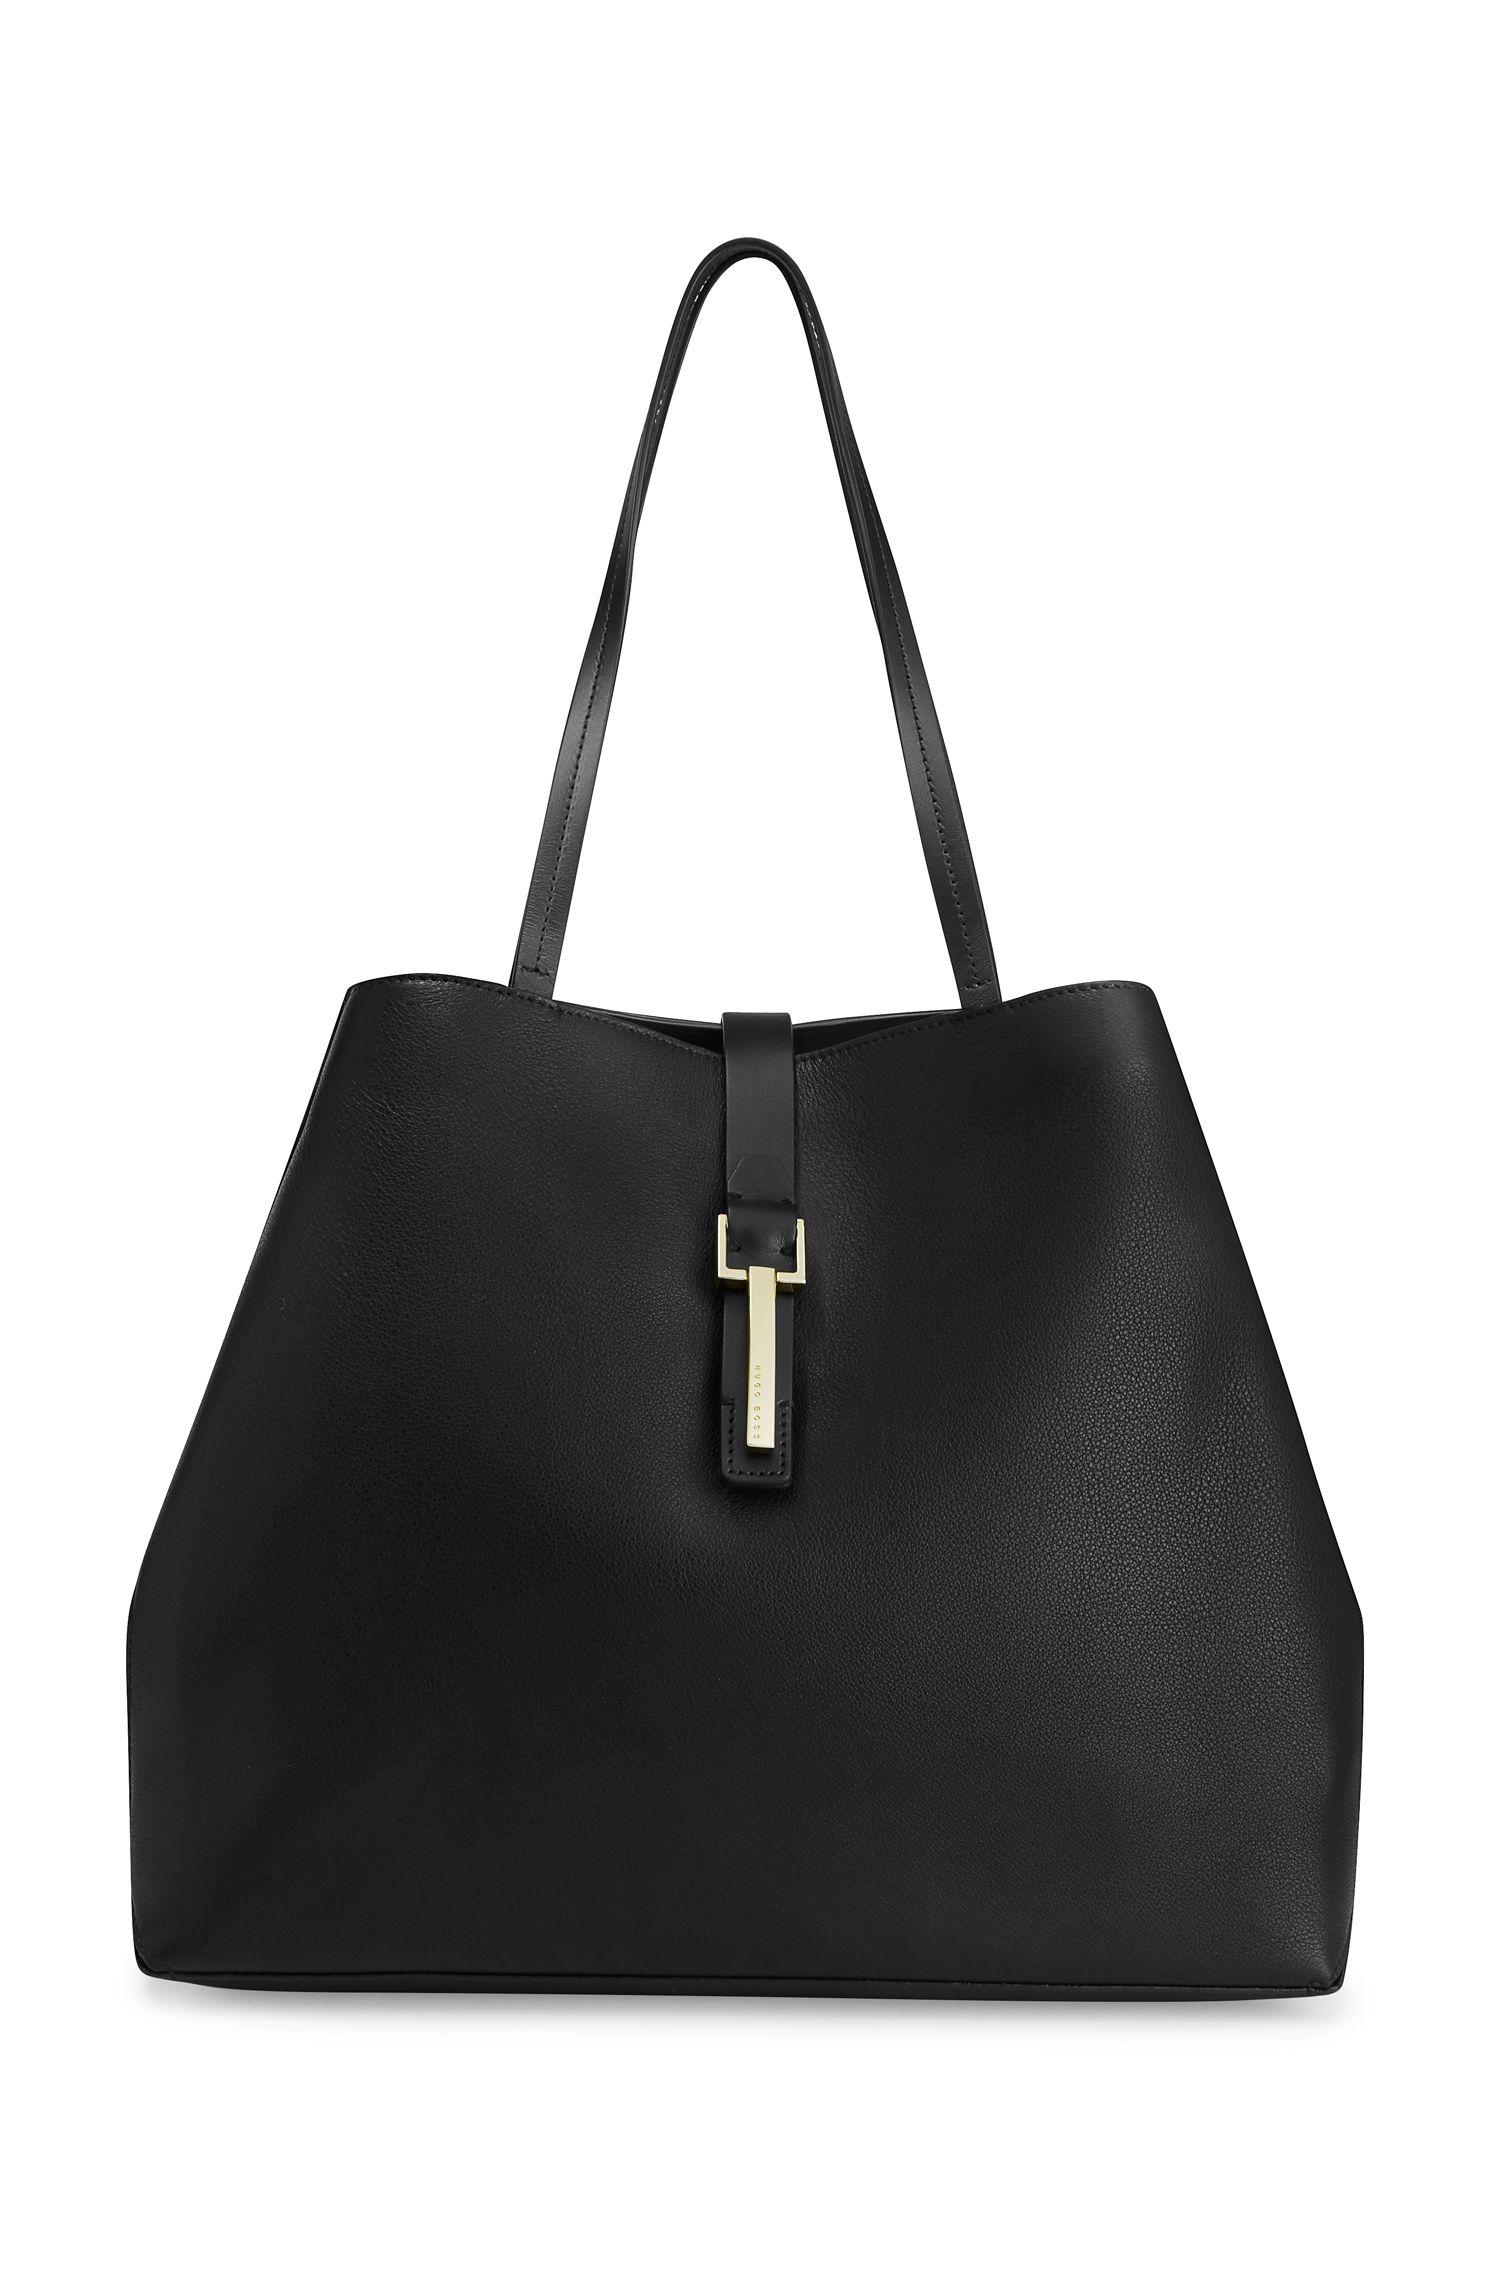 'Paris Tote-D' | Calfskin Tote Hand Bag